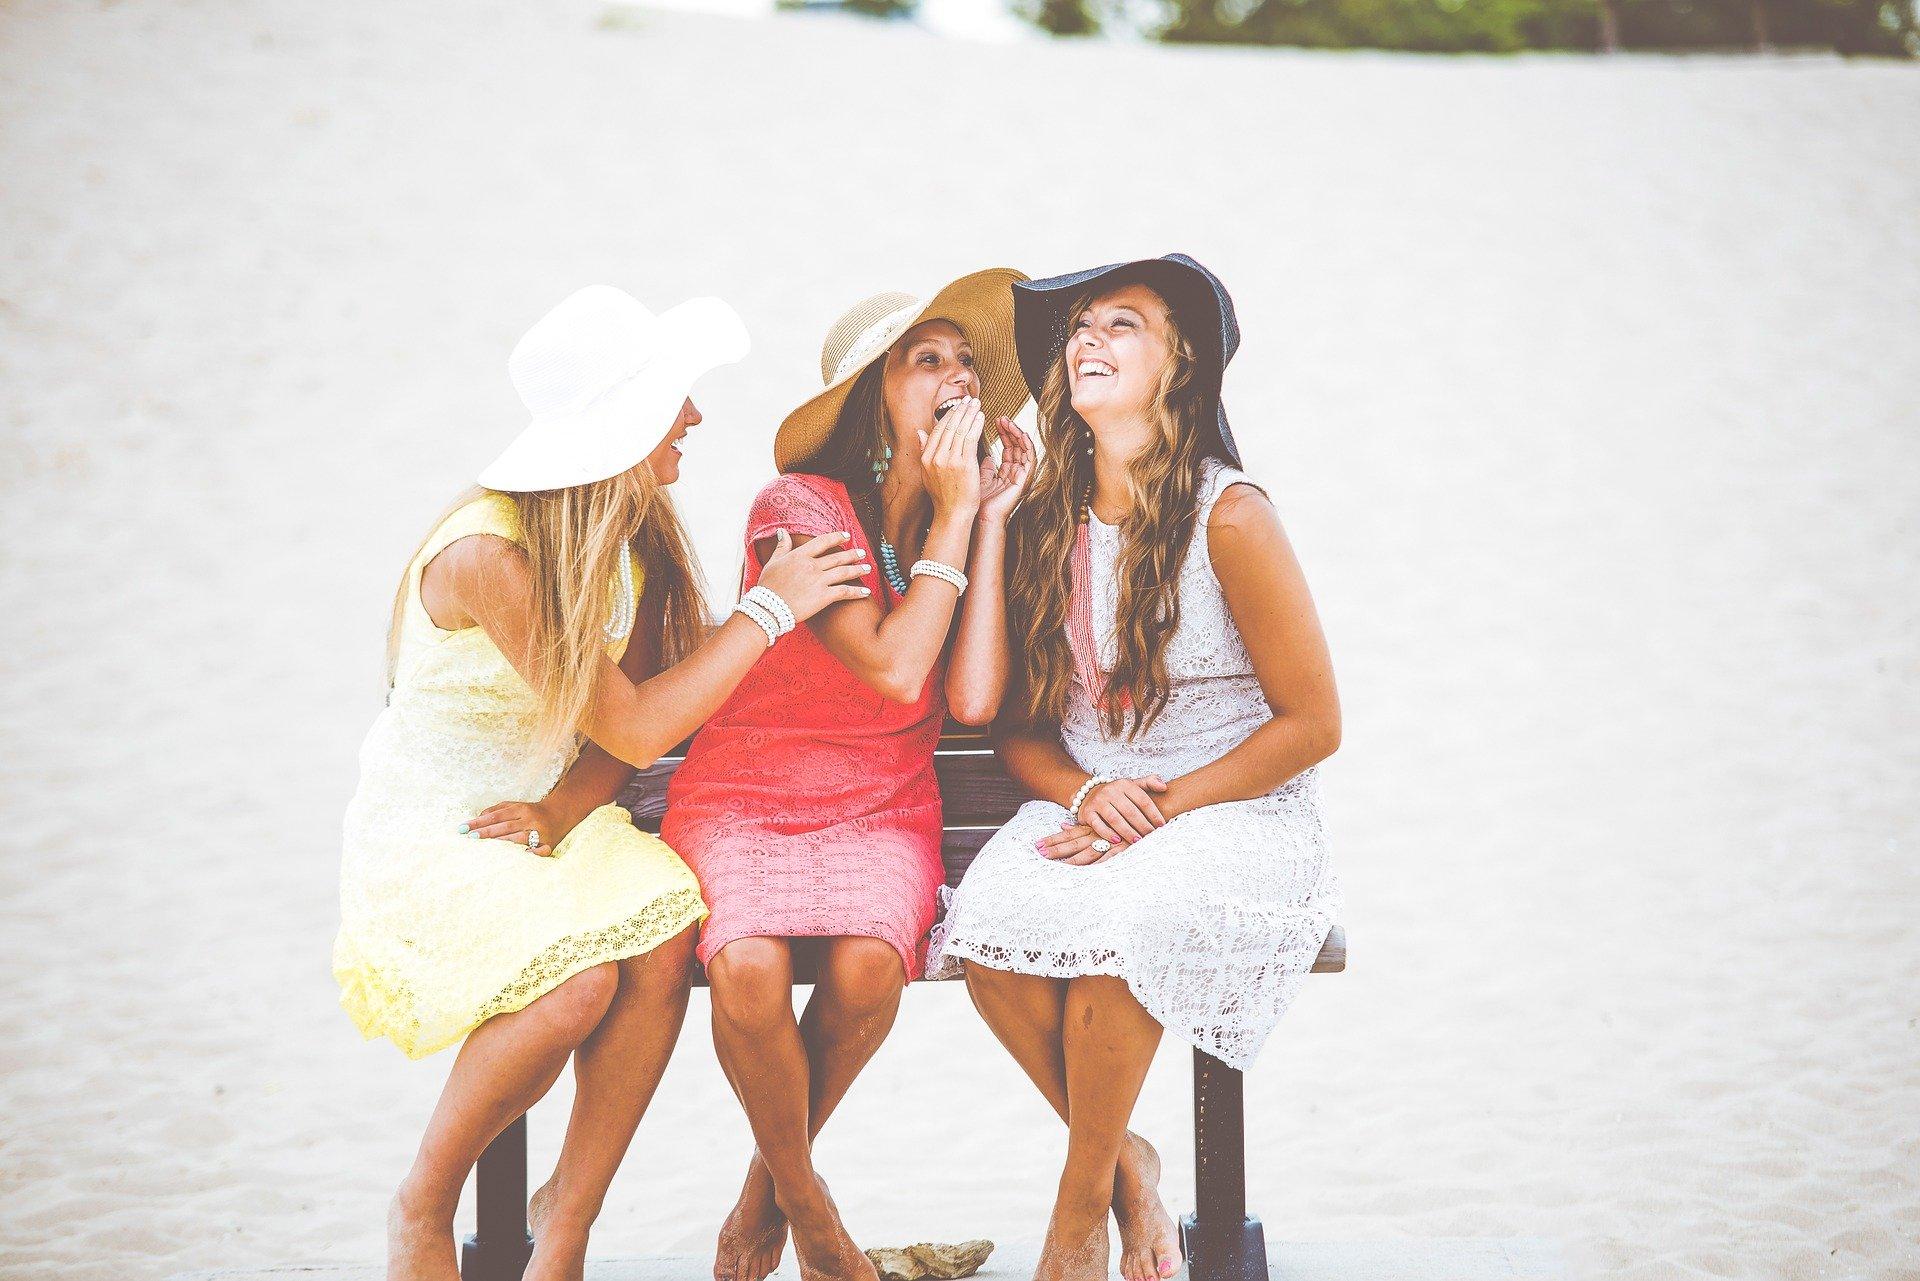 Trzy roześmiane kobiety w kapeluszach i kolorowych sukienkach, siedzące razem na ławce na brzegu jeziora